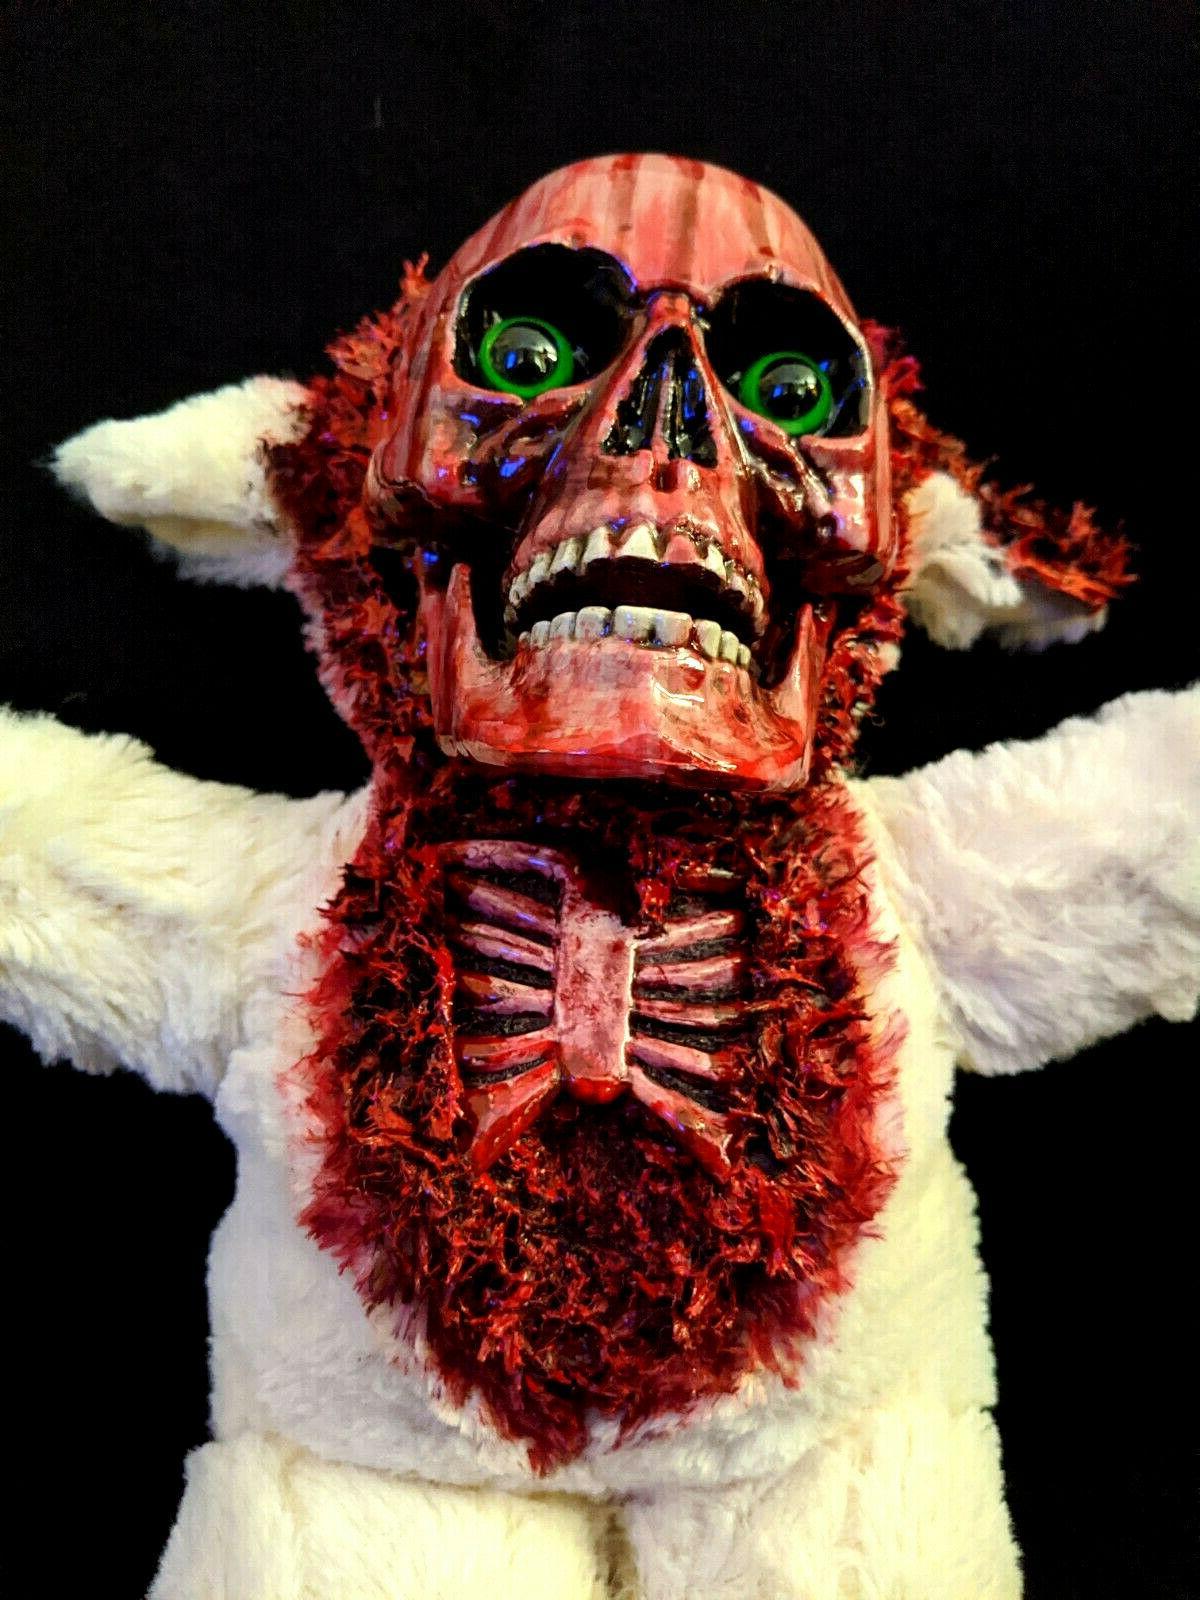 Kneeling Halloween Prop Horror